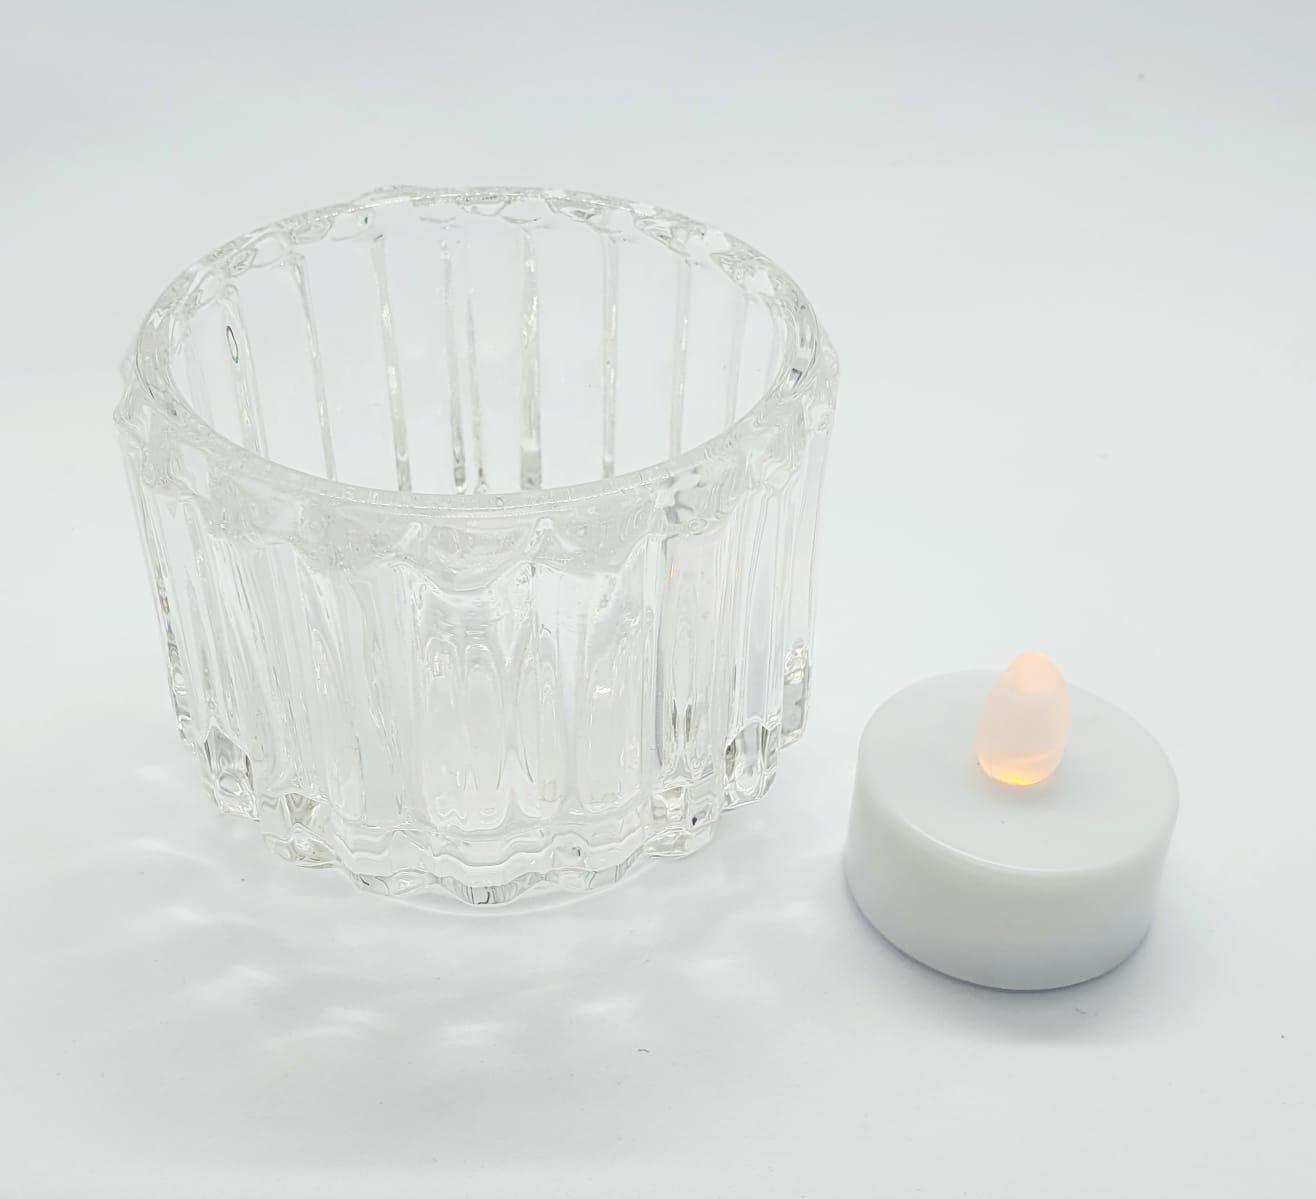 Porta velas transparente em vidro